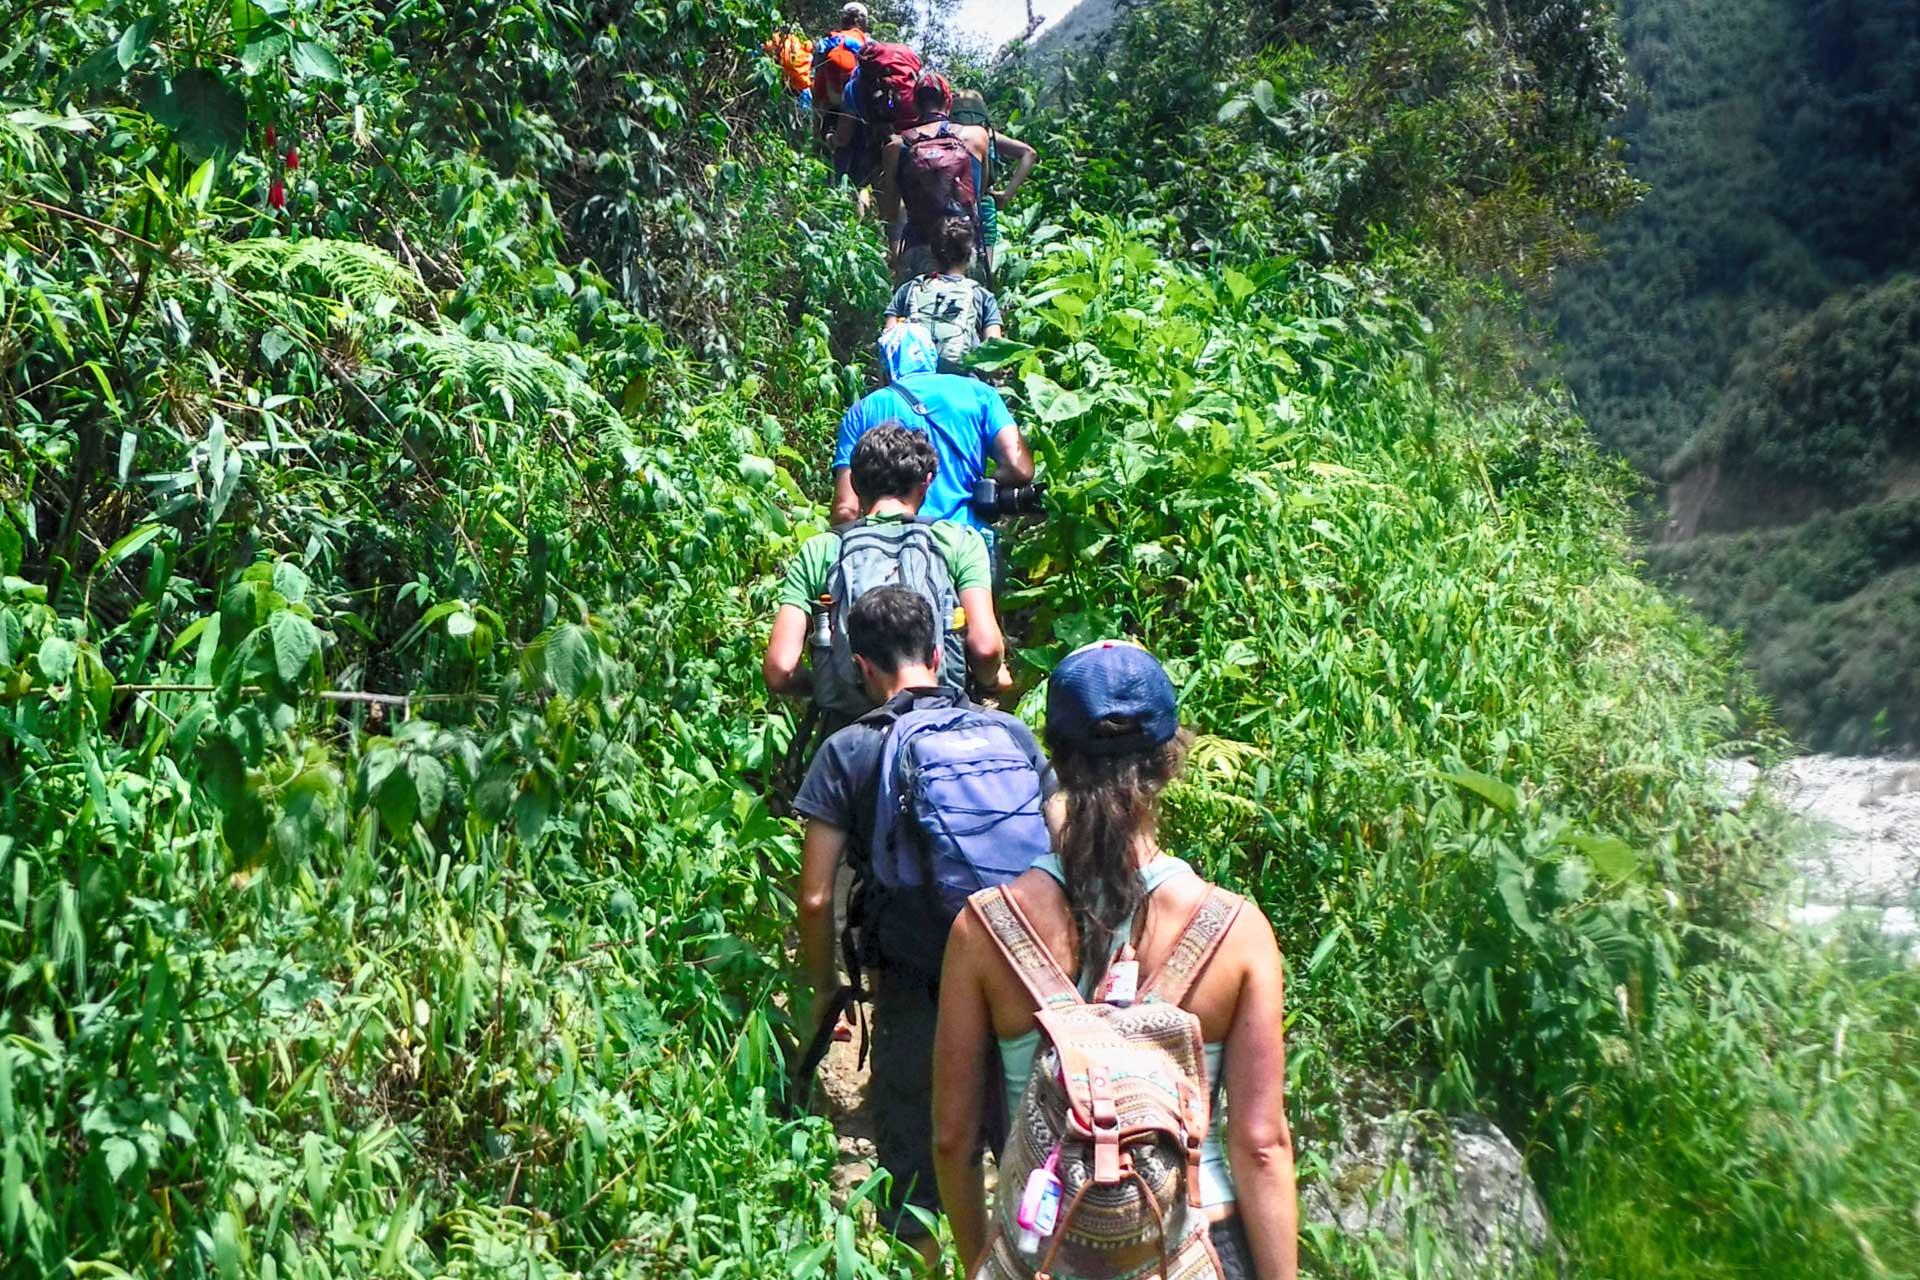 Nous comparons pour vous les options les plus populaires afin de trouver la meilleure route vers le Machu Picchu